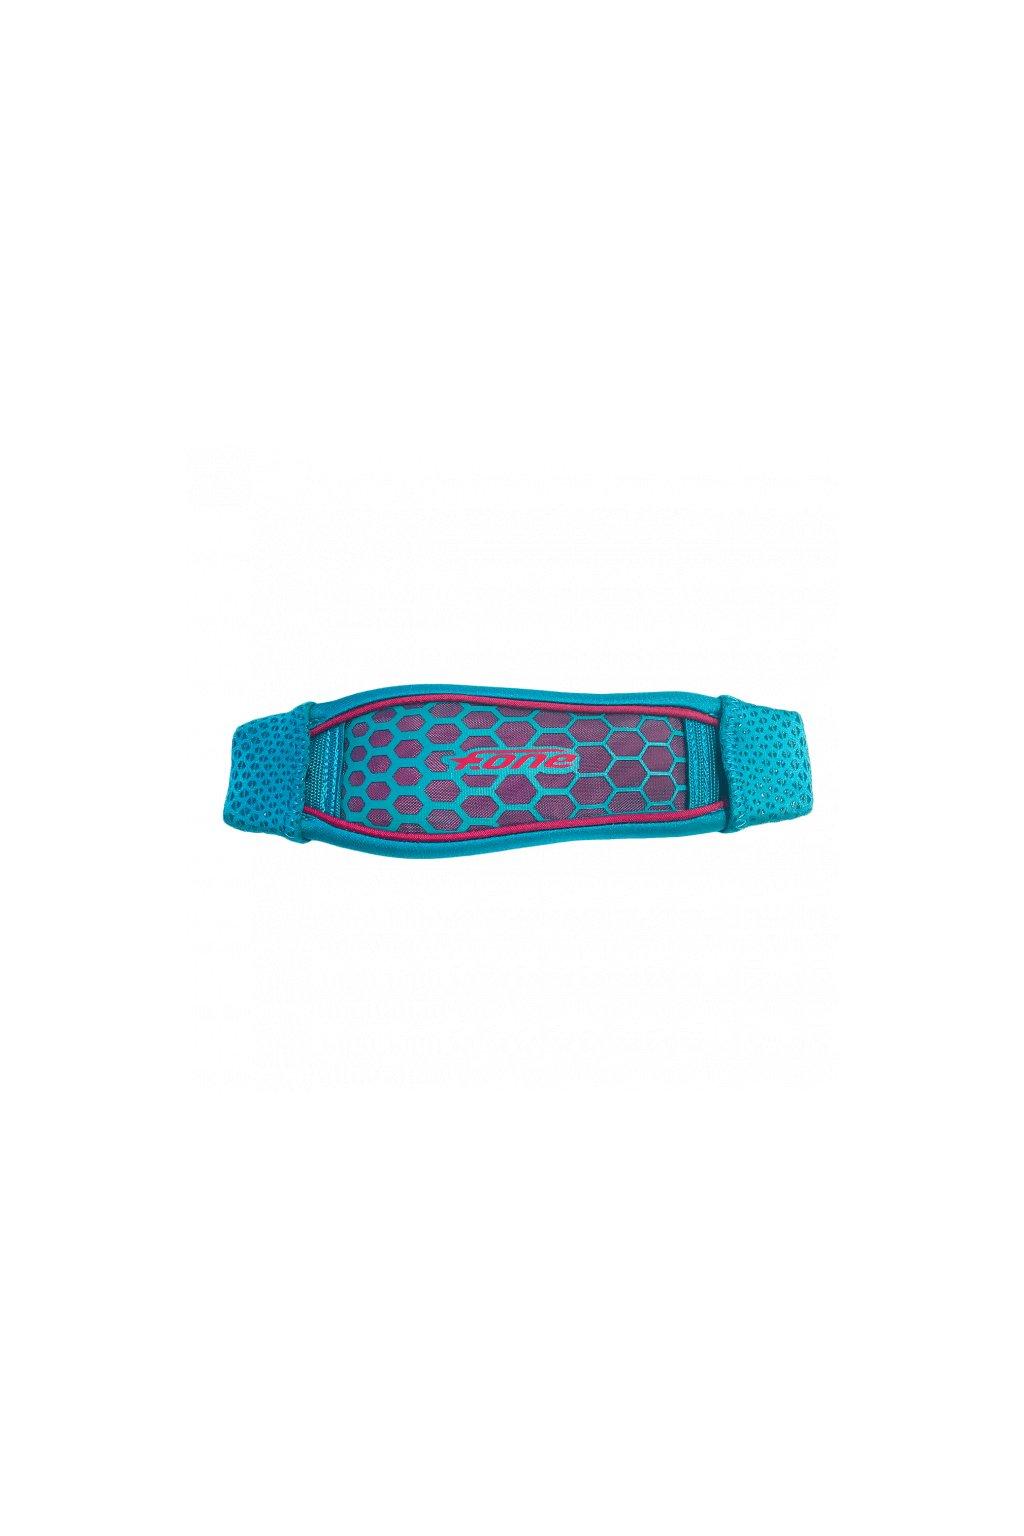 surf strap 4 650x650 (1)